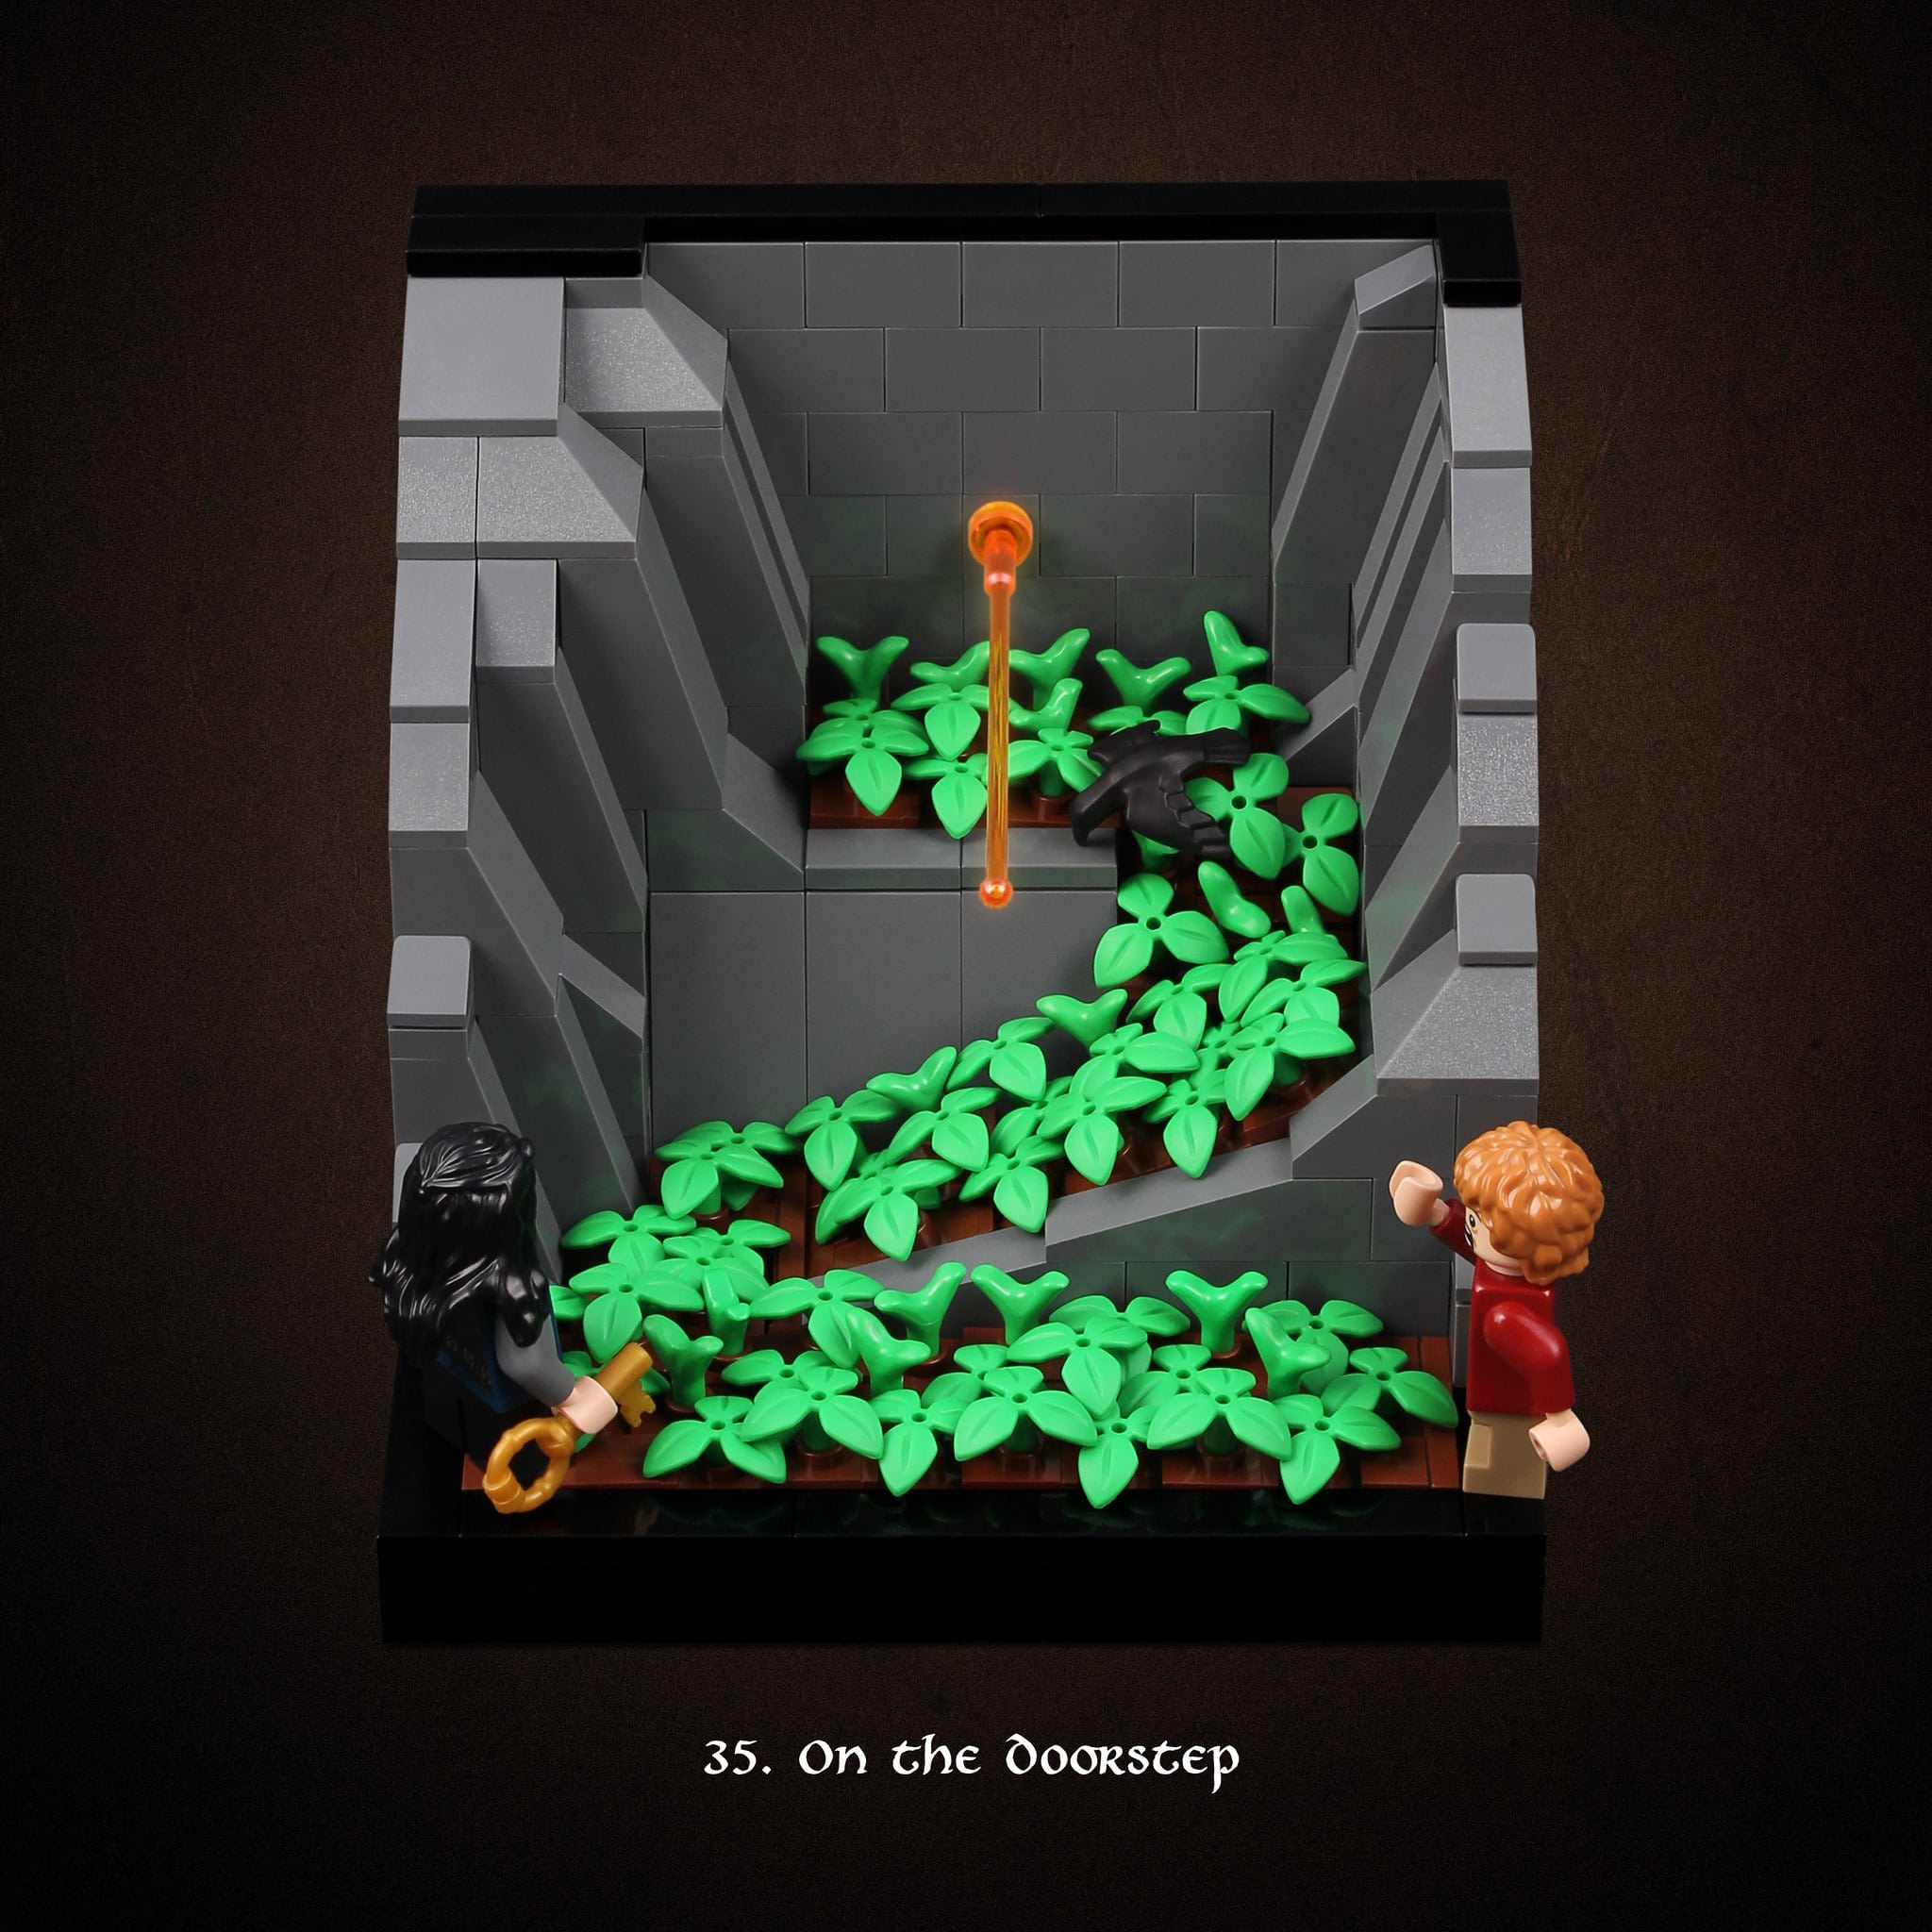 LEGO Hobbit Thorsten Bonsch Vignetten Serie (35)